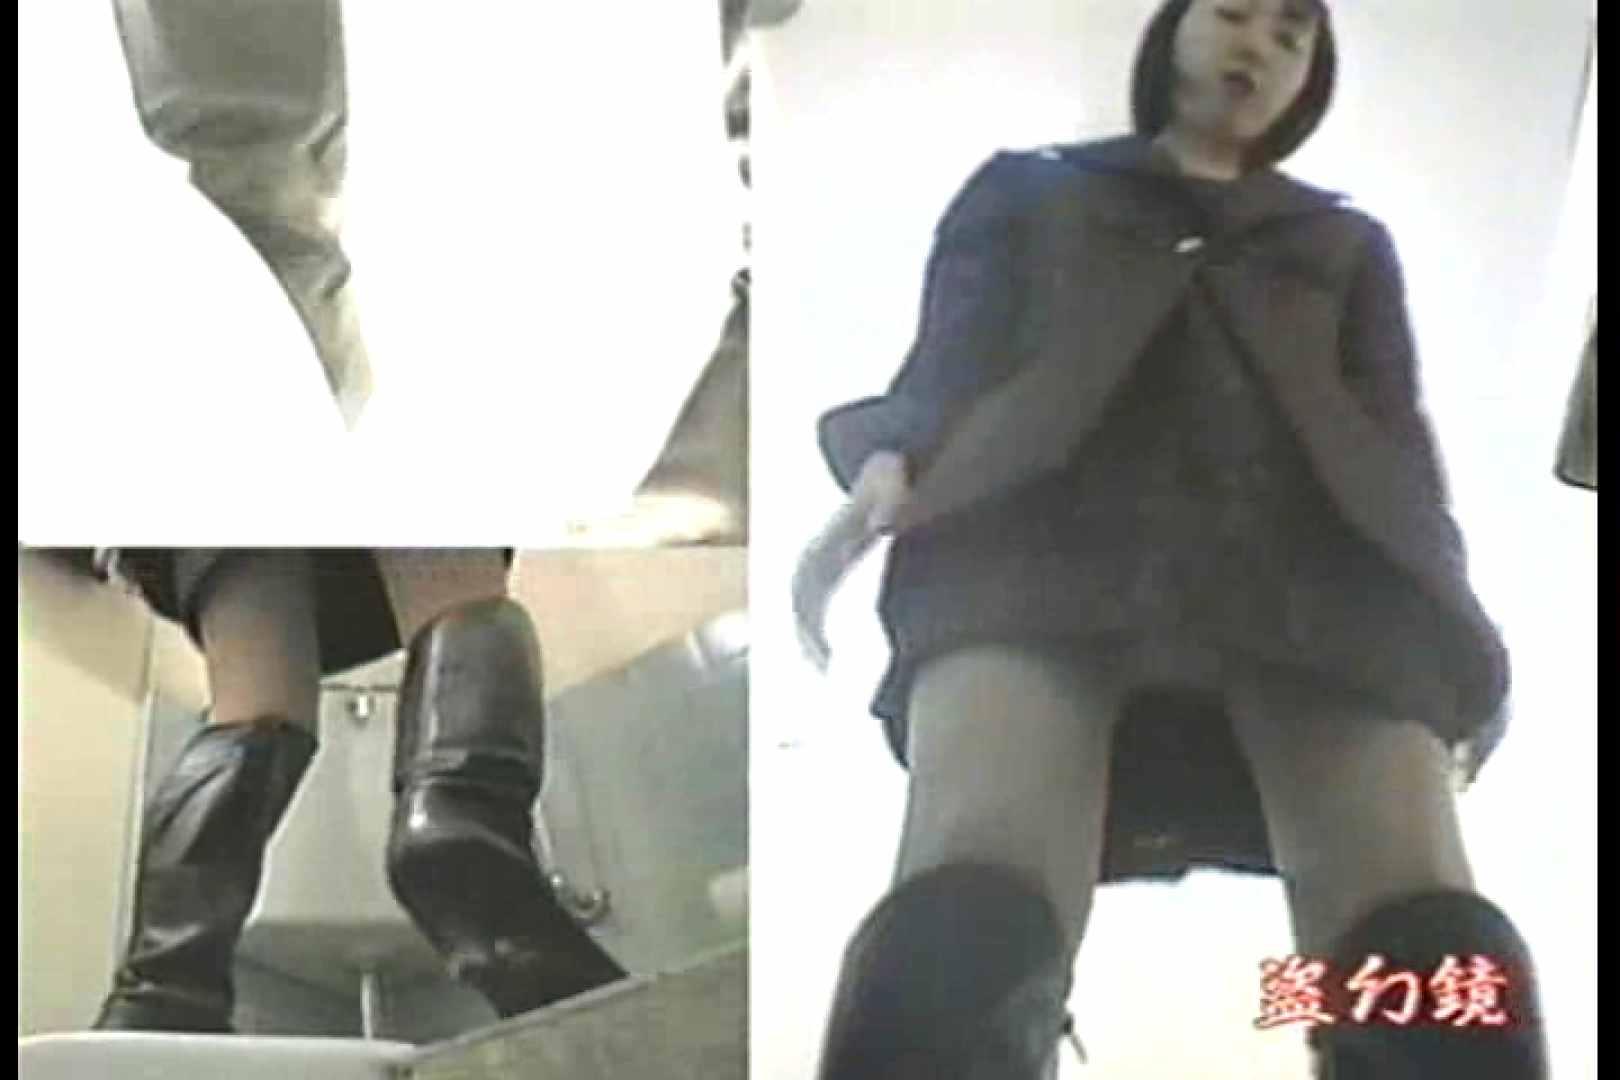 洗面所羞恥美女んMV-3 下半身 隠し撮りすけべAV動画紹介 69連発 19